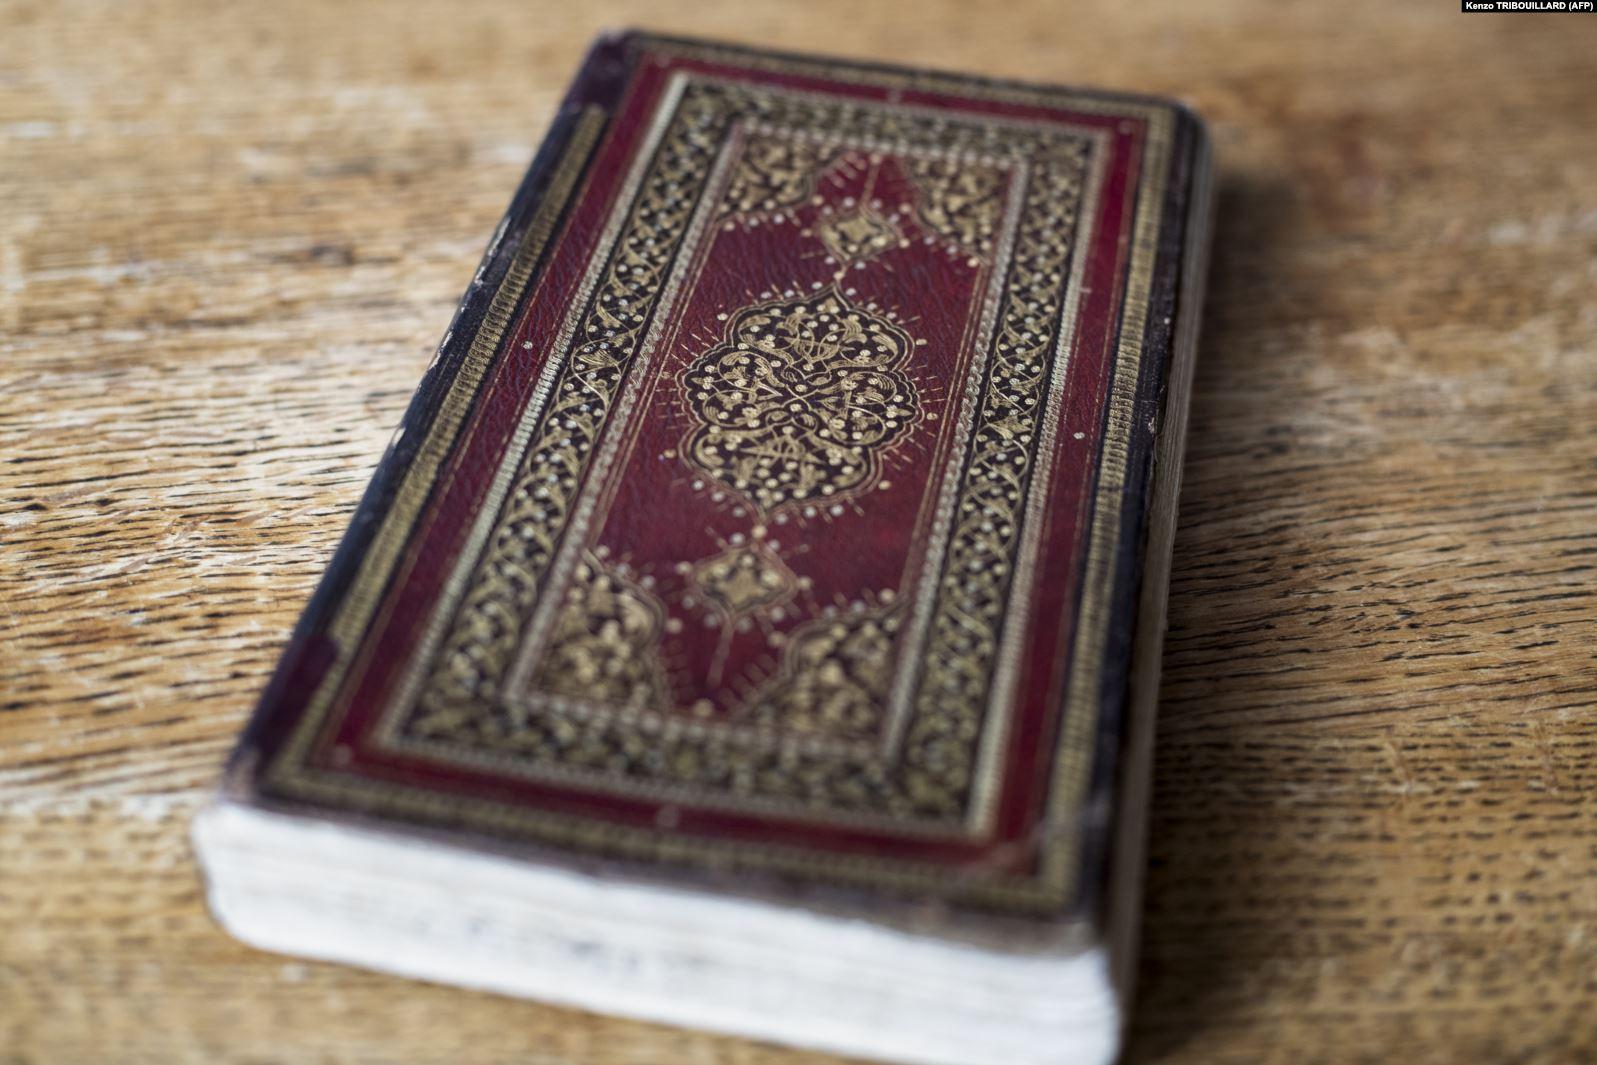 کشف نسخه نایاب و سرقتشده دیوان حافظ در هلند